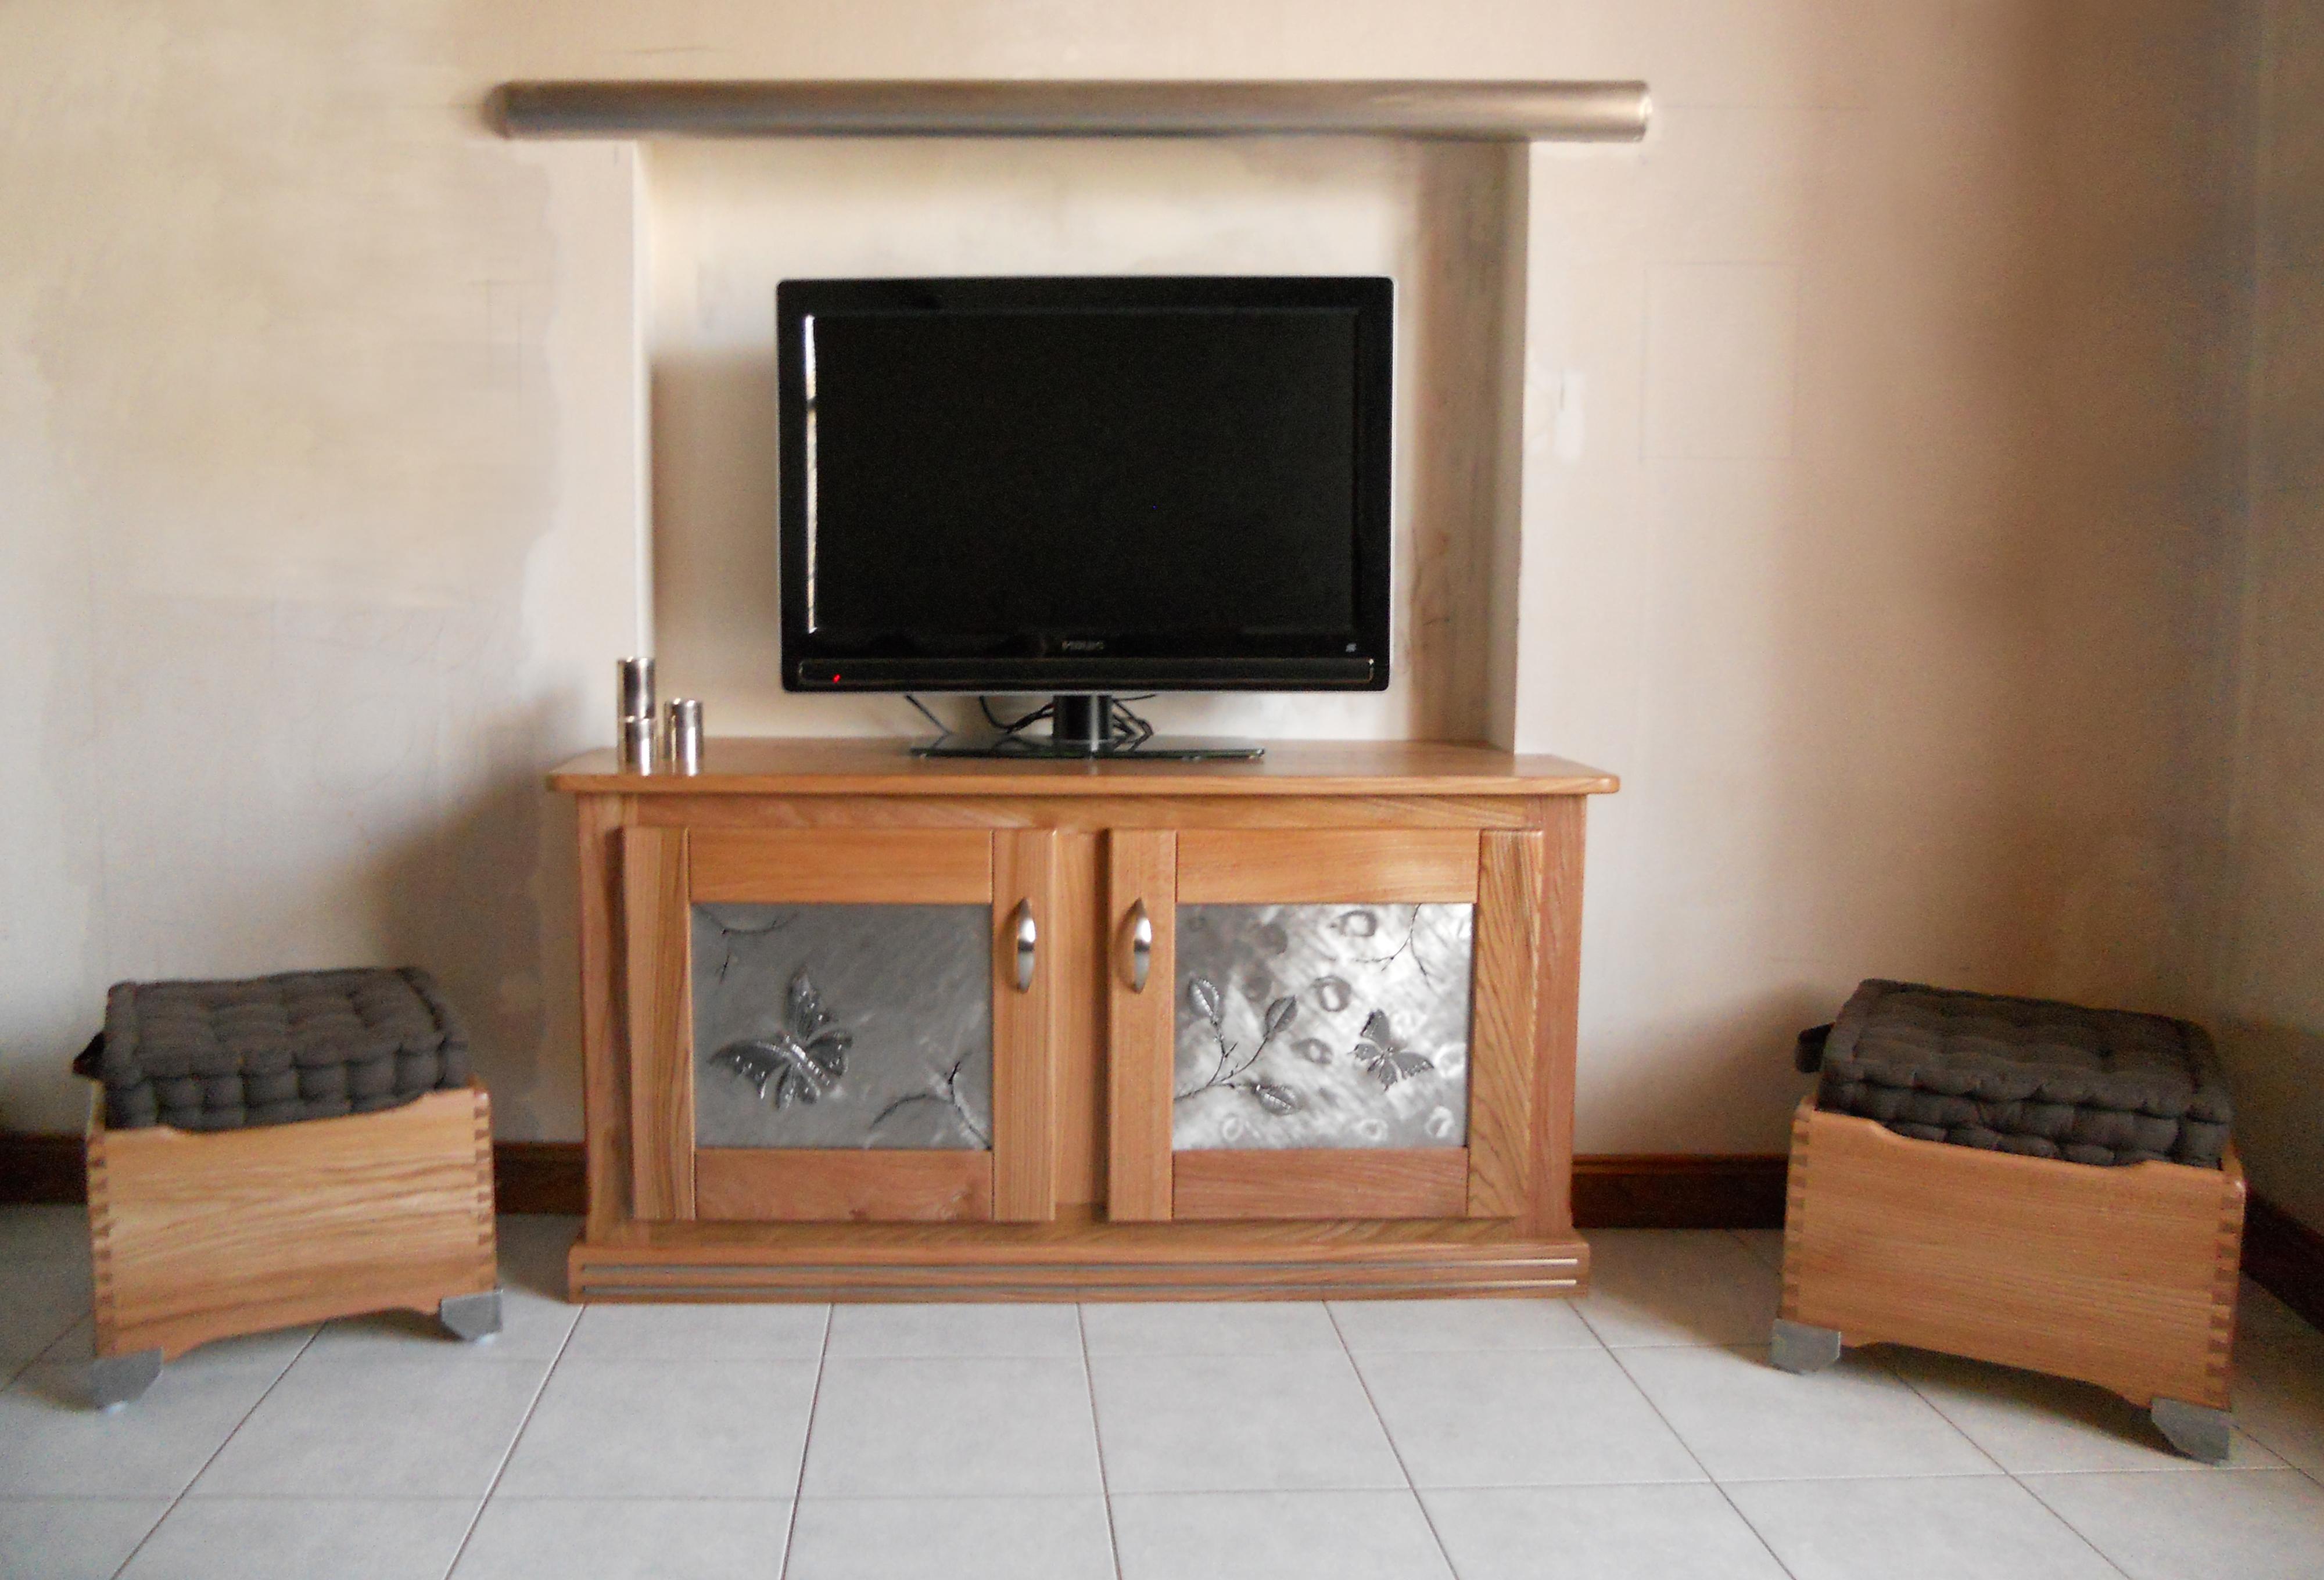 menuiserie haute savoie b niste cuisiniste et meuble 74 portes et fen tres. Black Bedroom Furniture Sets. Home Design Ideas